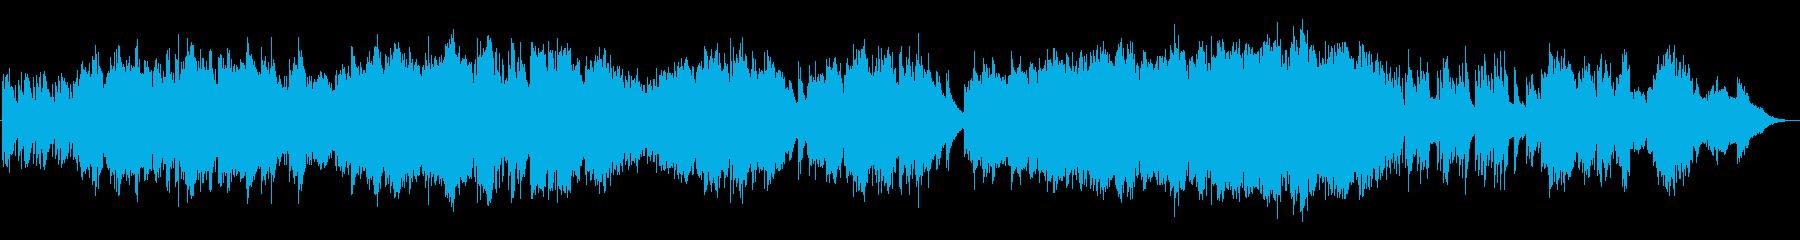 優しさに溢れた感動の生演奏フルートの再生済みの波形